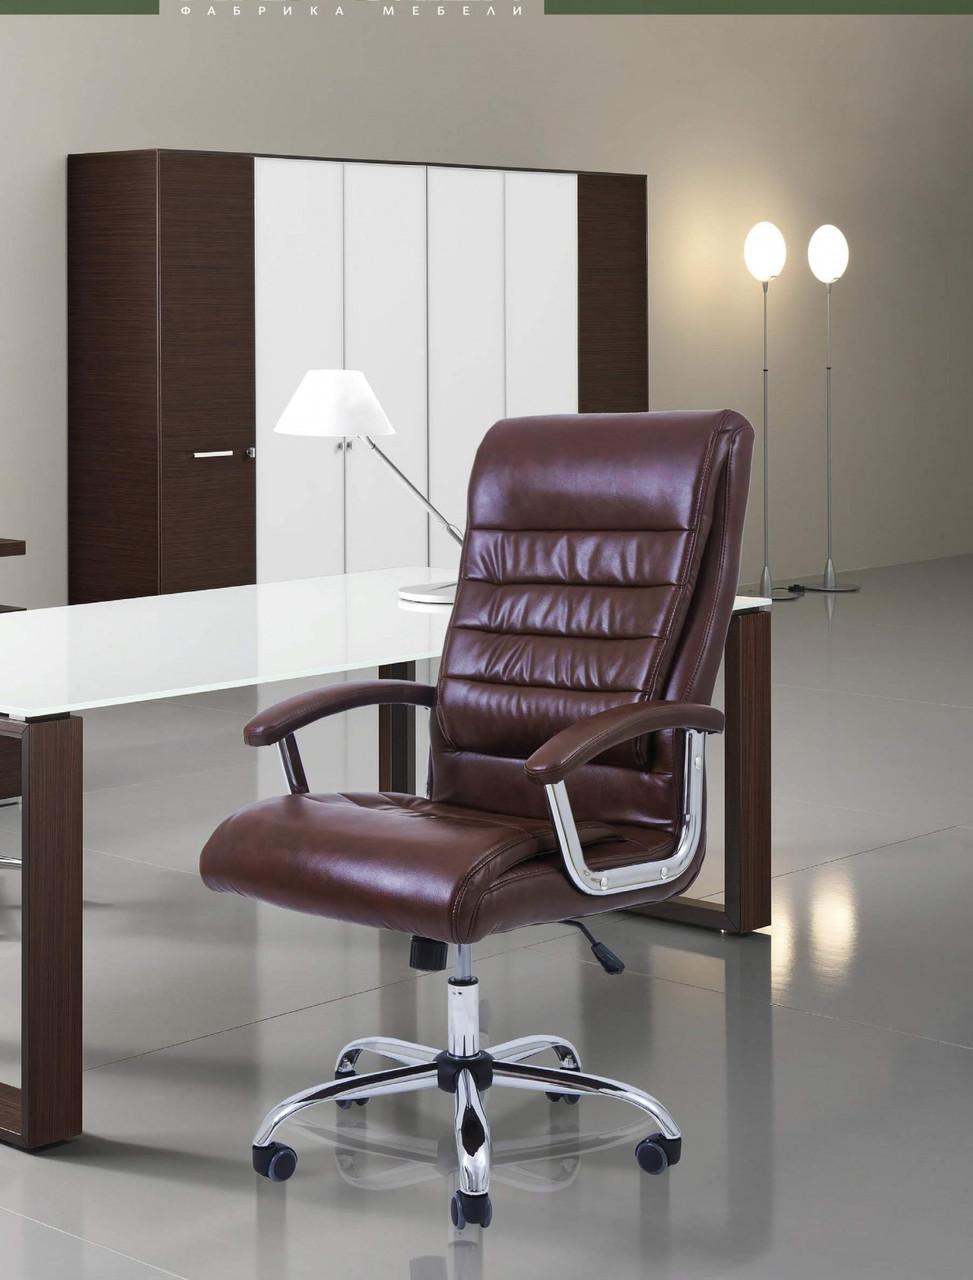 Офисное Кресло Руководителя Princeton Мадрас Хром М1 Tilt Коричневое